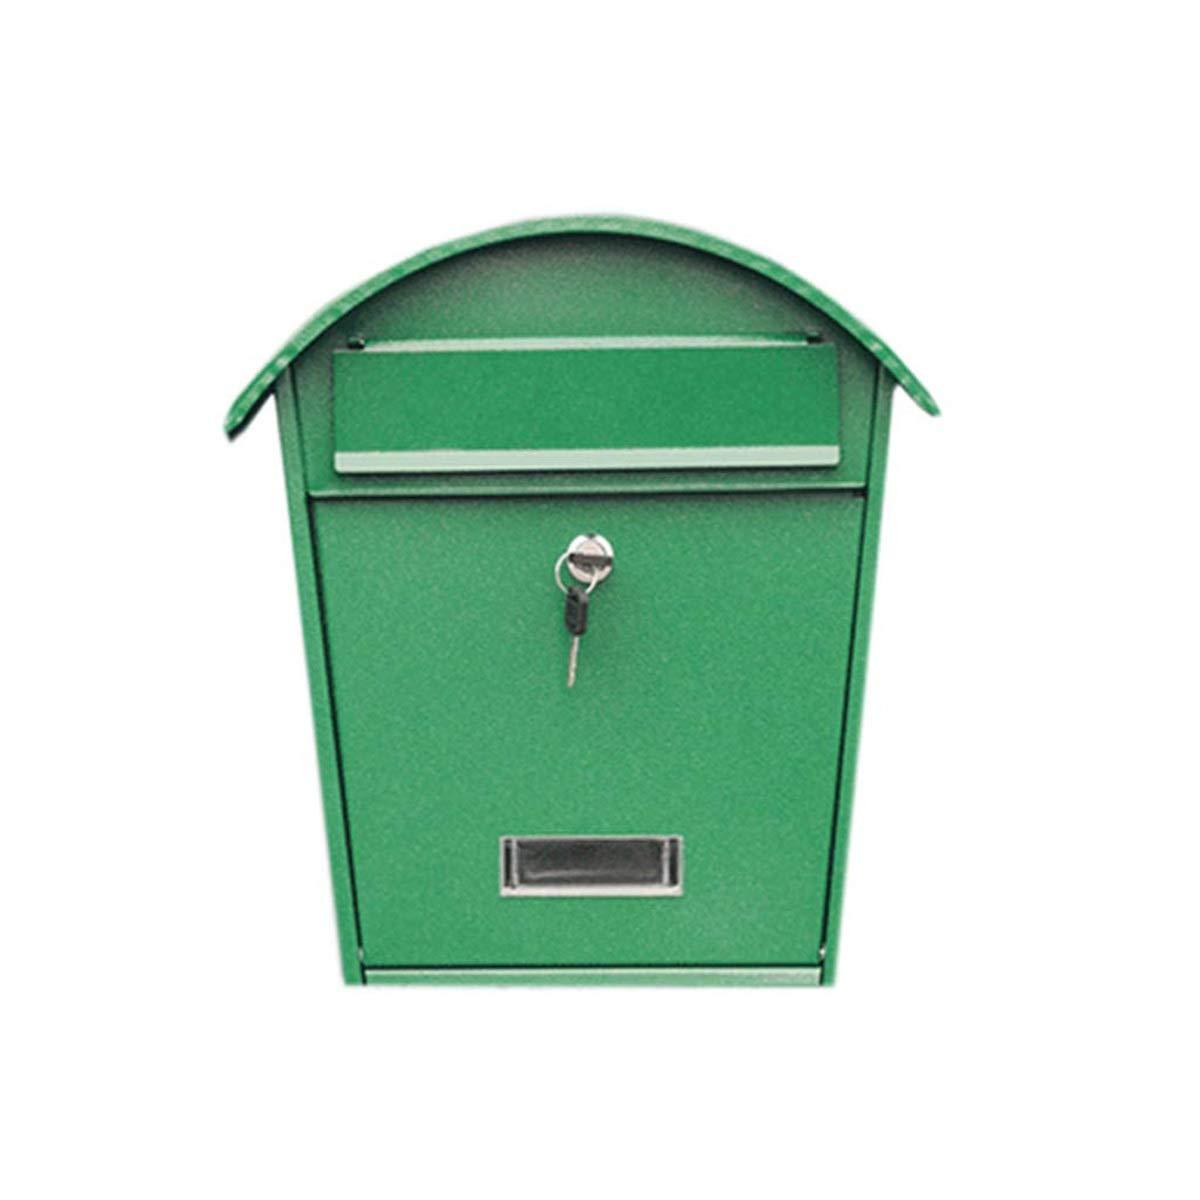 屋外の防水ステンレス鋼の壁に取り付けられたヨーロッパ式の別荘提案箱多機能の郵便箱創造的な新聞用箱(緑)   B07RFLDSRD